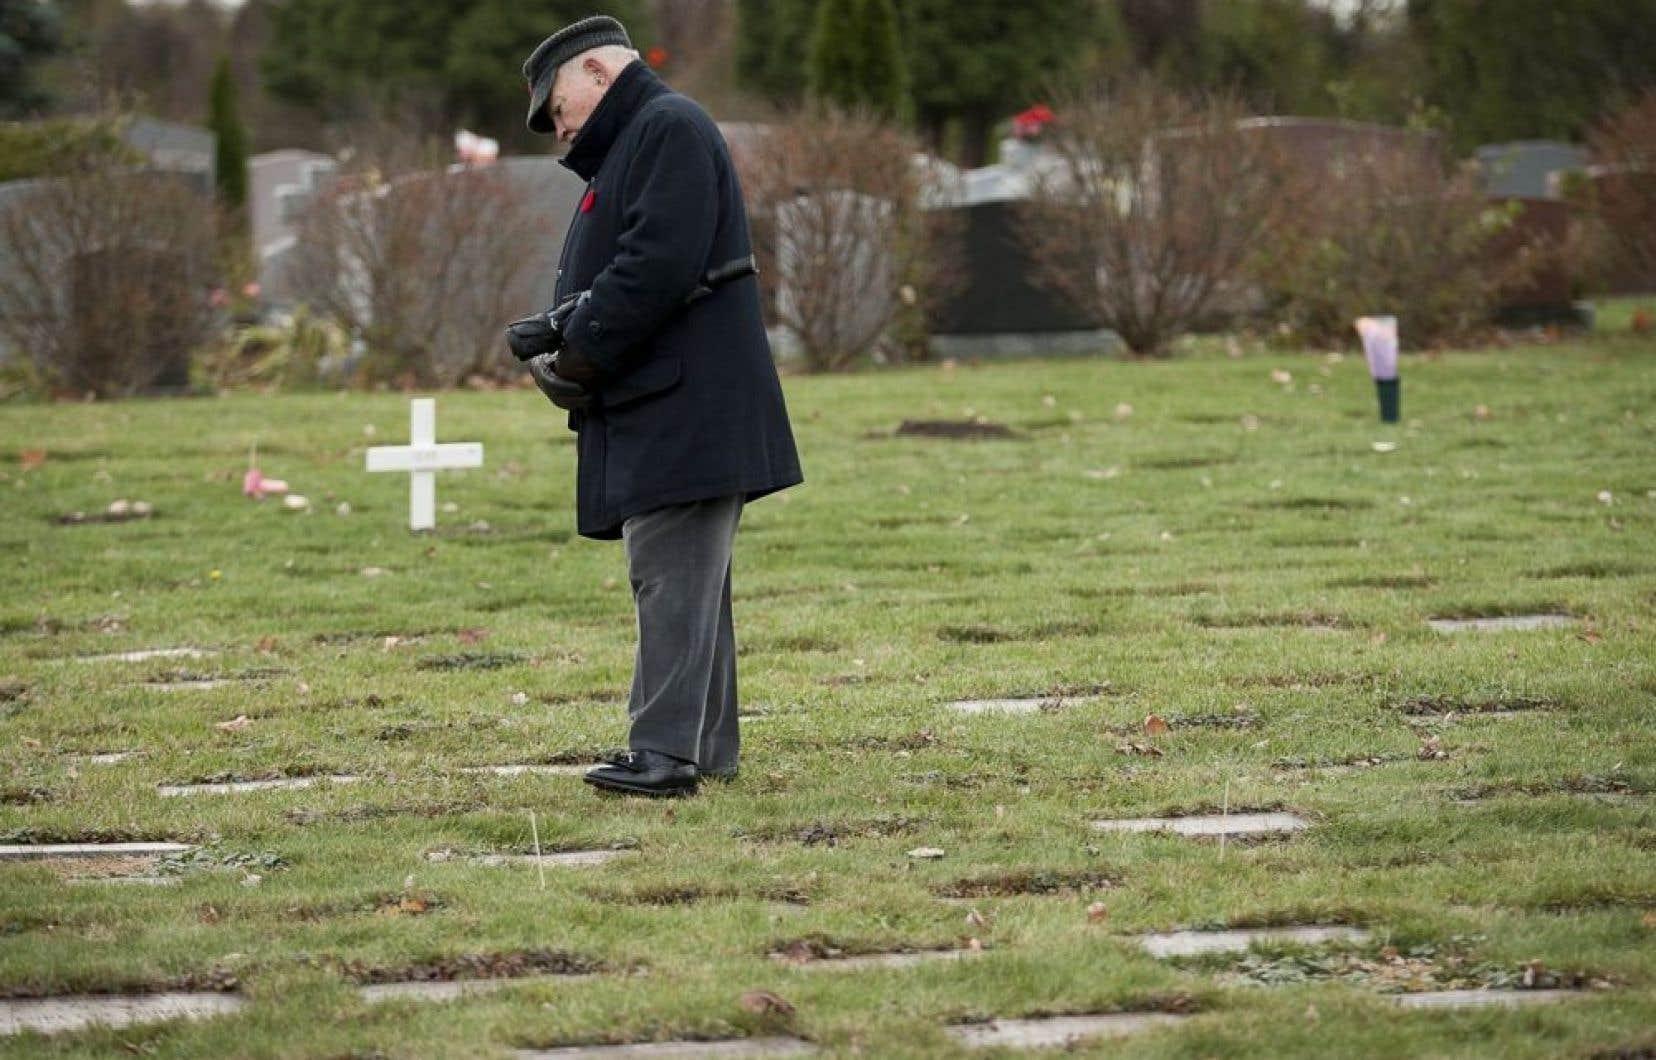 Les anciens combattants avaient fait valoir avec succès qu'il était injuste de la part du gouvernement canadien de considérer comme des revenus les prestations d'invalidité versées aux anciens combattants blessés ou handicapés.